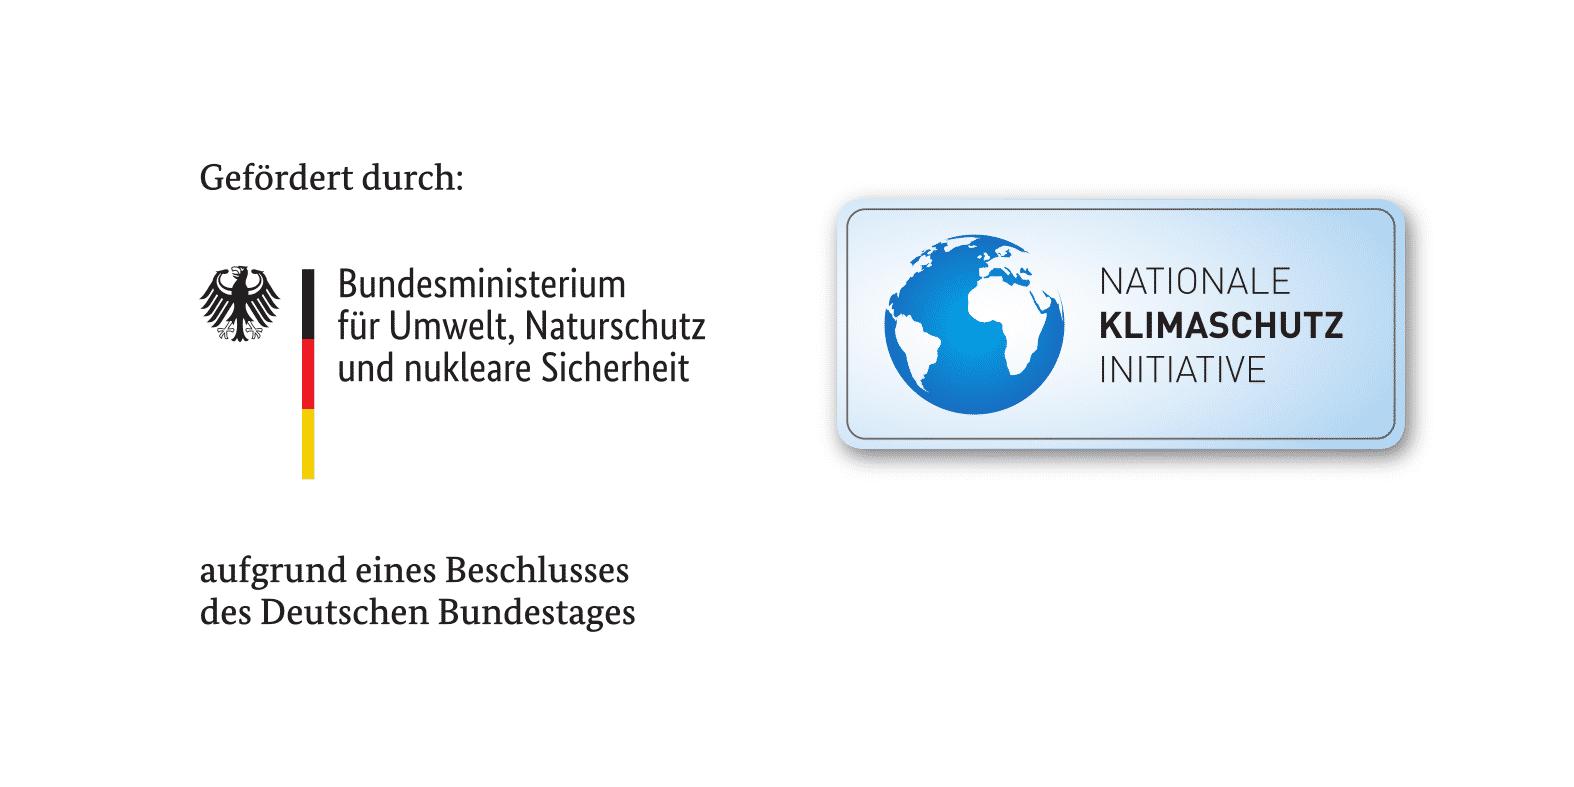 NKI - Nationale Klima Initiative